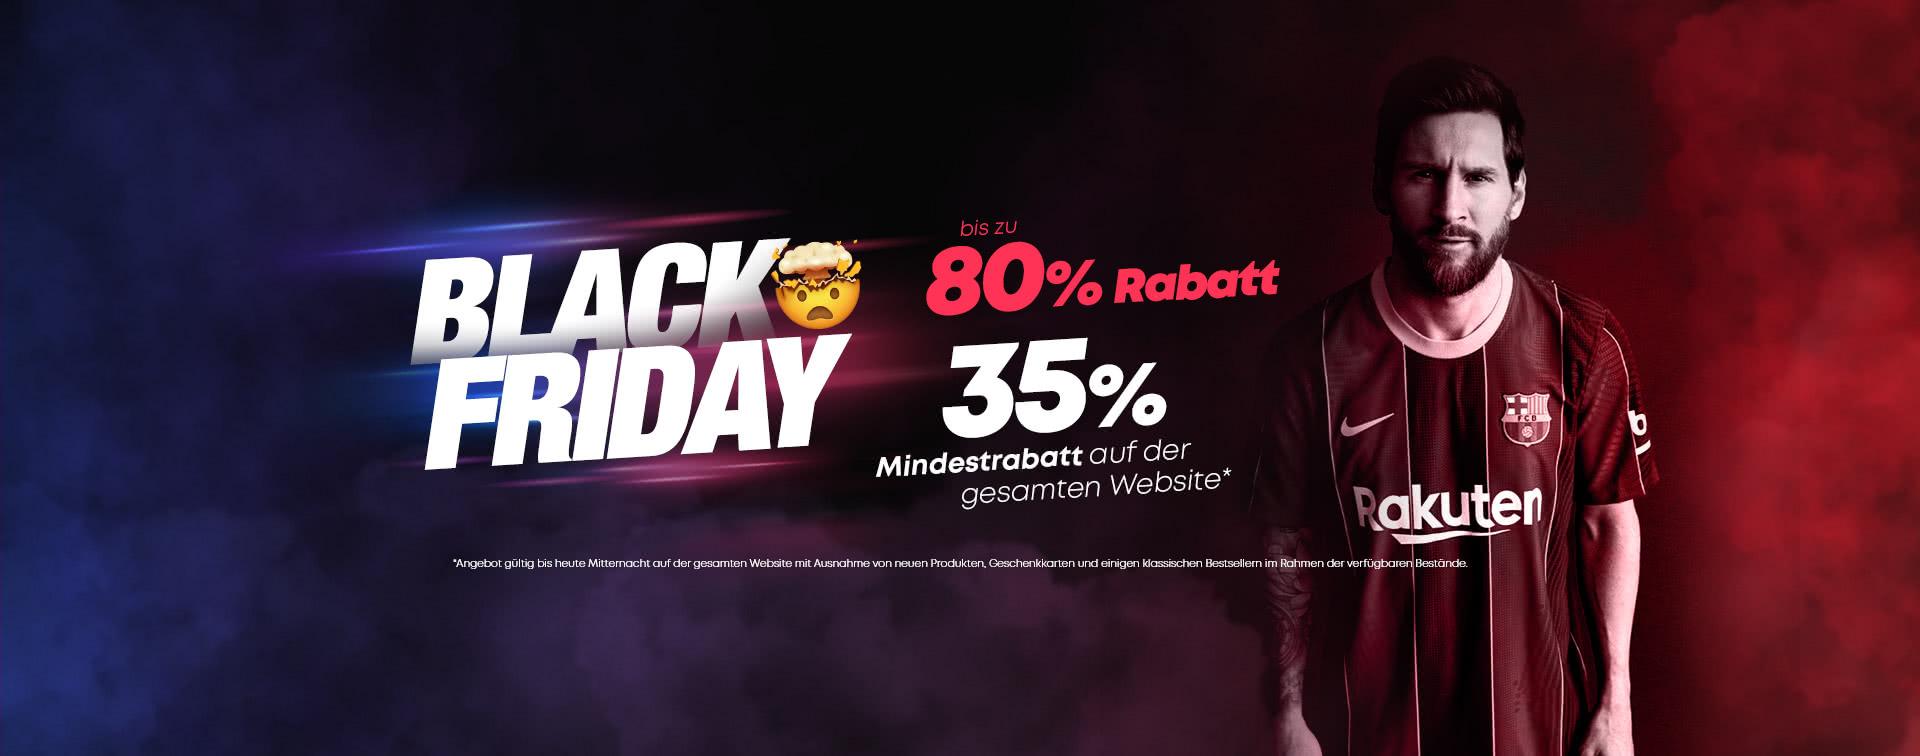 Black Friday 35%mindestrabatt